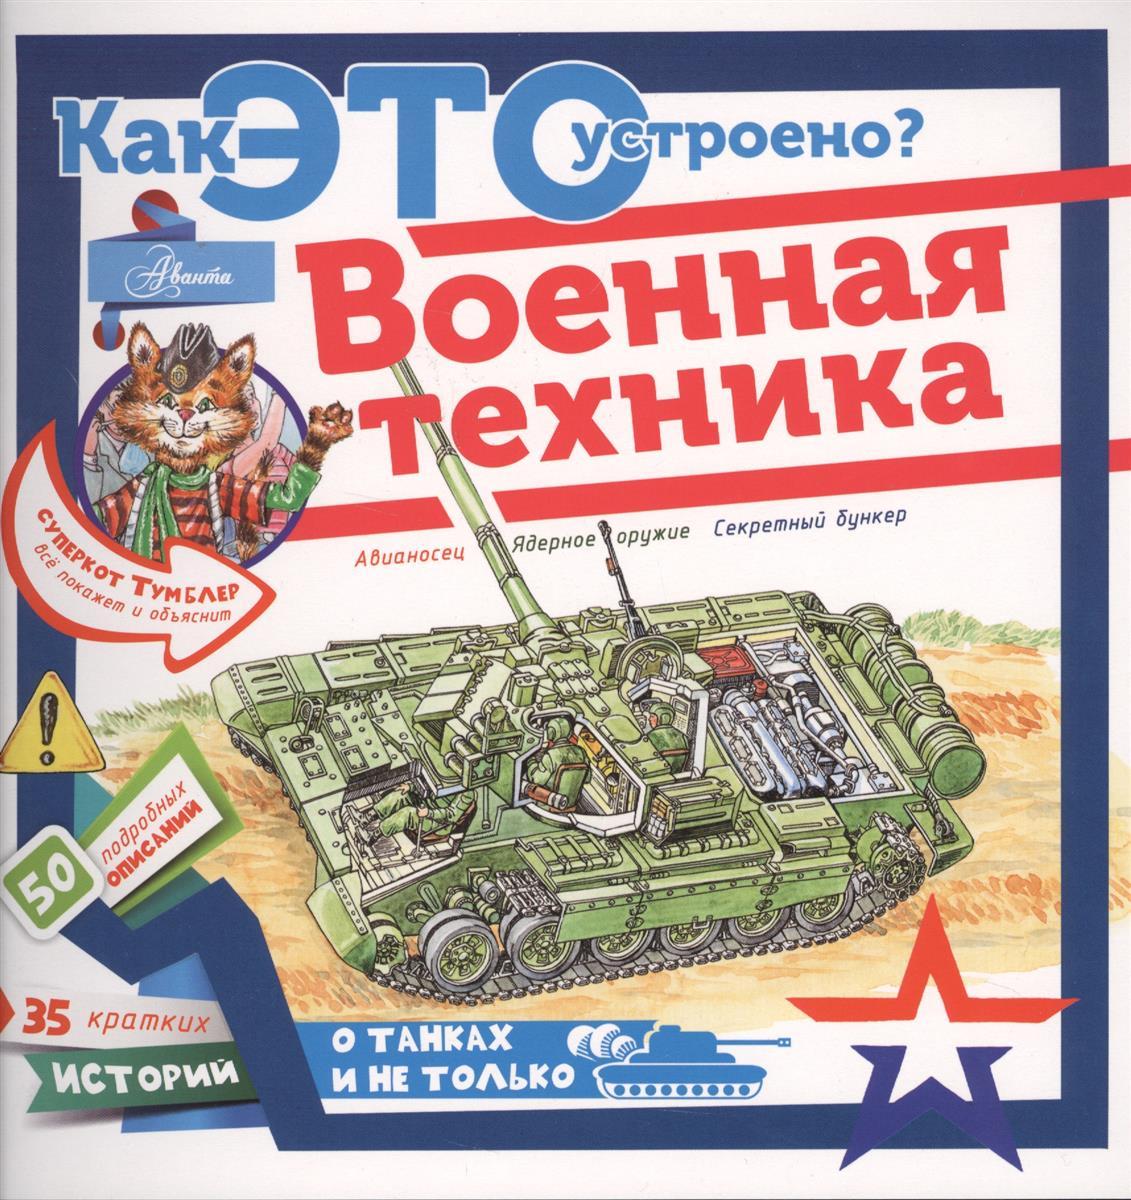 Кострикин П. (ред.) Военная техника кострикин п ред программирование для детей на языке scratch